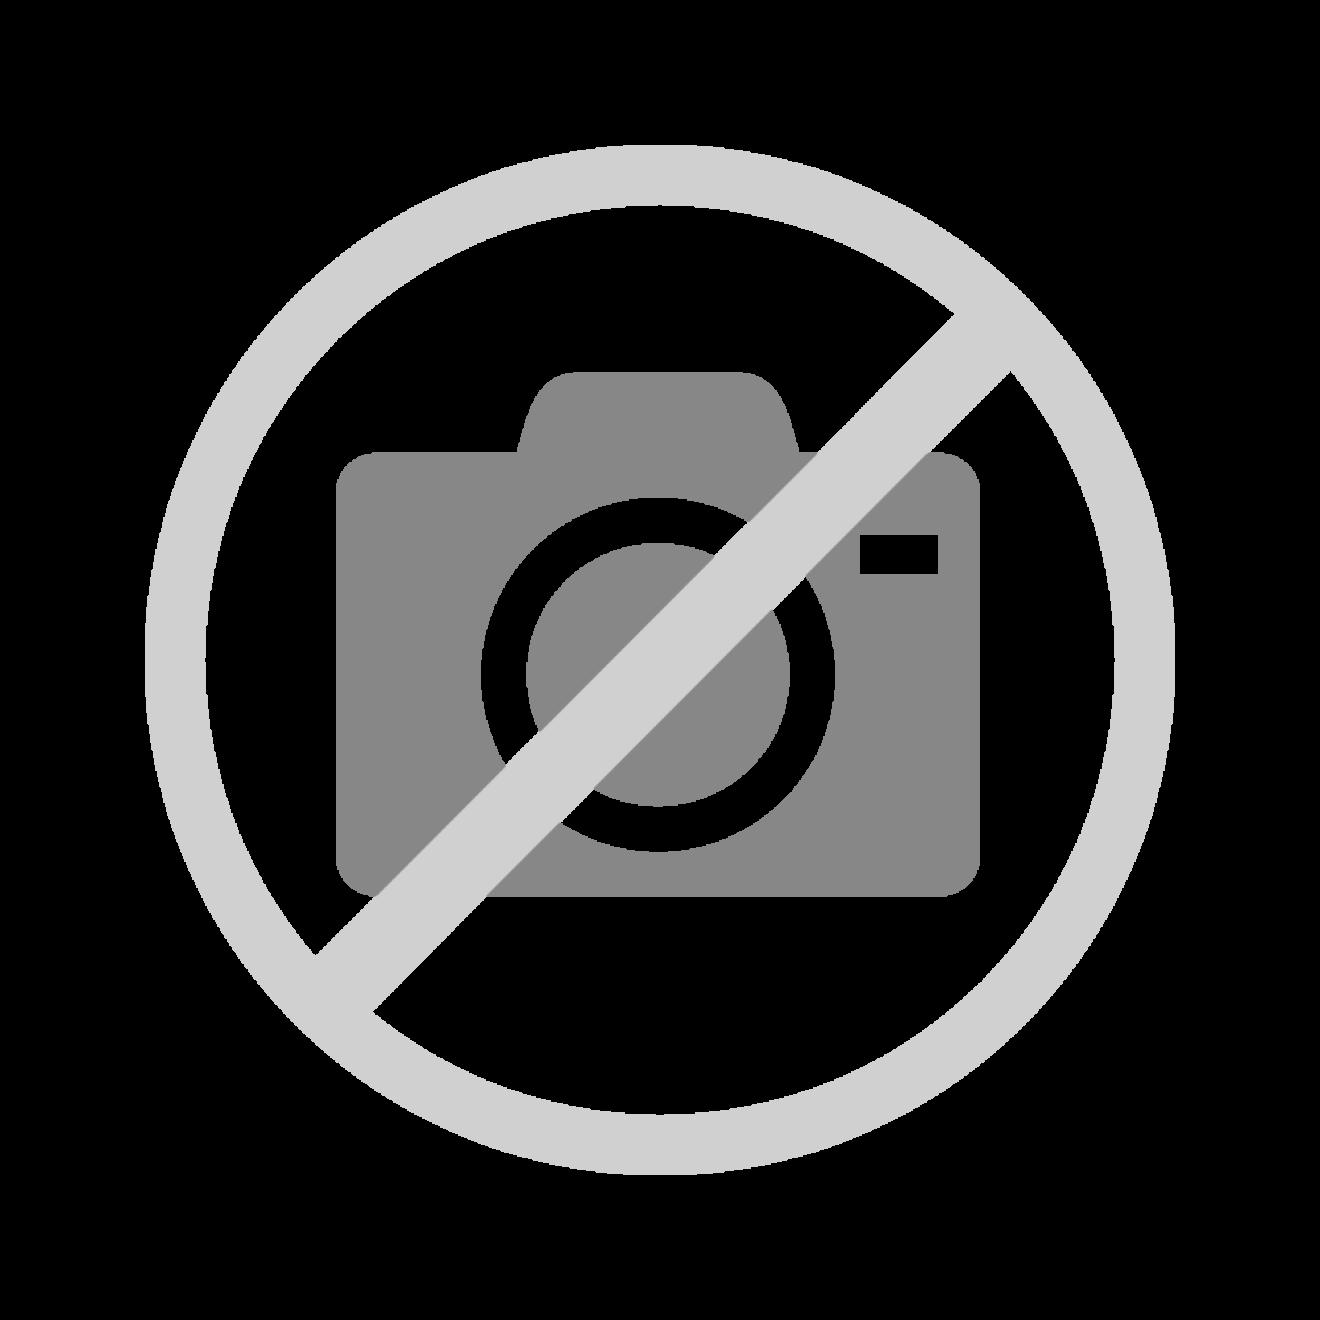 duschvorhangstange deckenmontage badewanne kk33 hitoiro. Black Bedroom Furniture Sets. Home Design Ideas